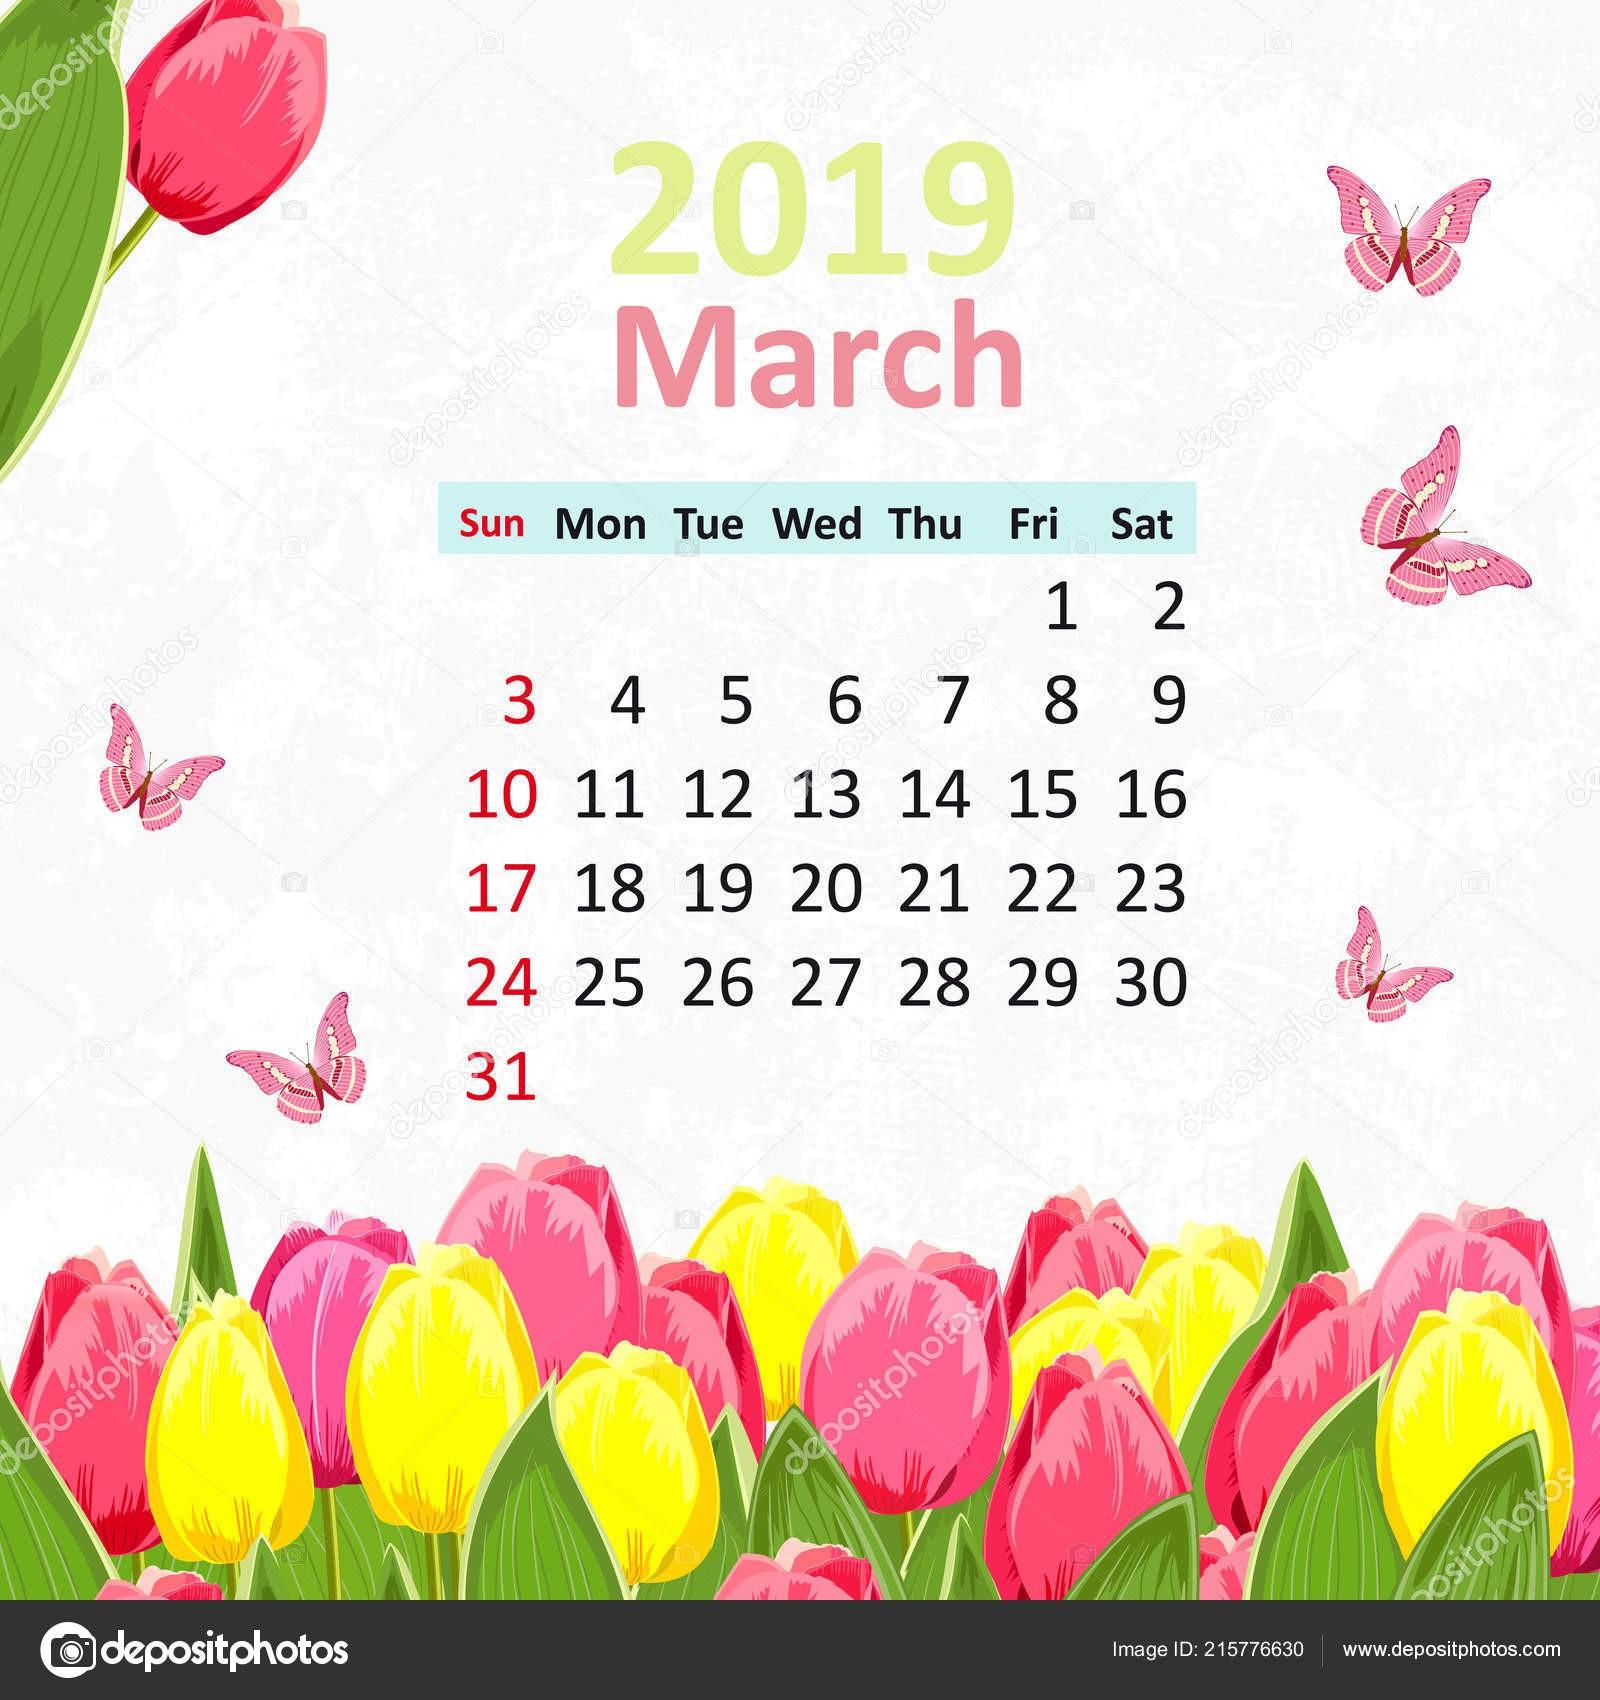 March 1 2019 Calendar Más Populares Piękny Kalendarz Marca 2019 Tulipany Motyle — Grafika Wektorowa Of March 1 2019 Calendar Mejores Y Más Novedosos Romantyczny Kwiatowy Kalendarz Marca 2019 Ptakiem — Zdjęcie Stockowe